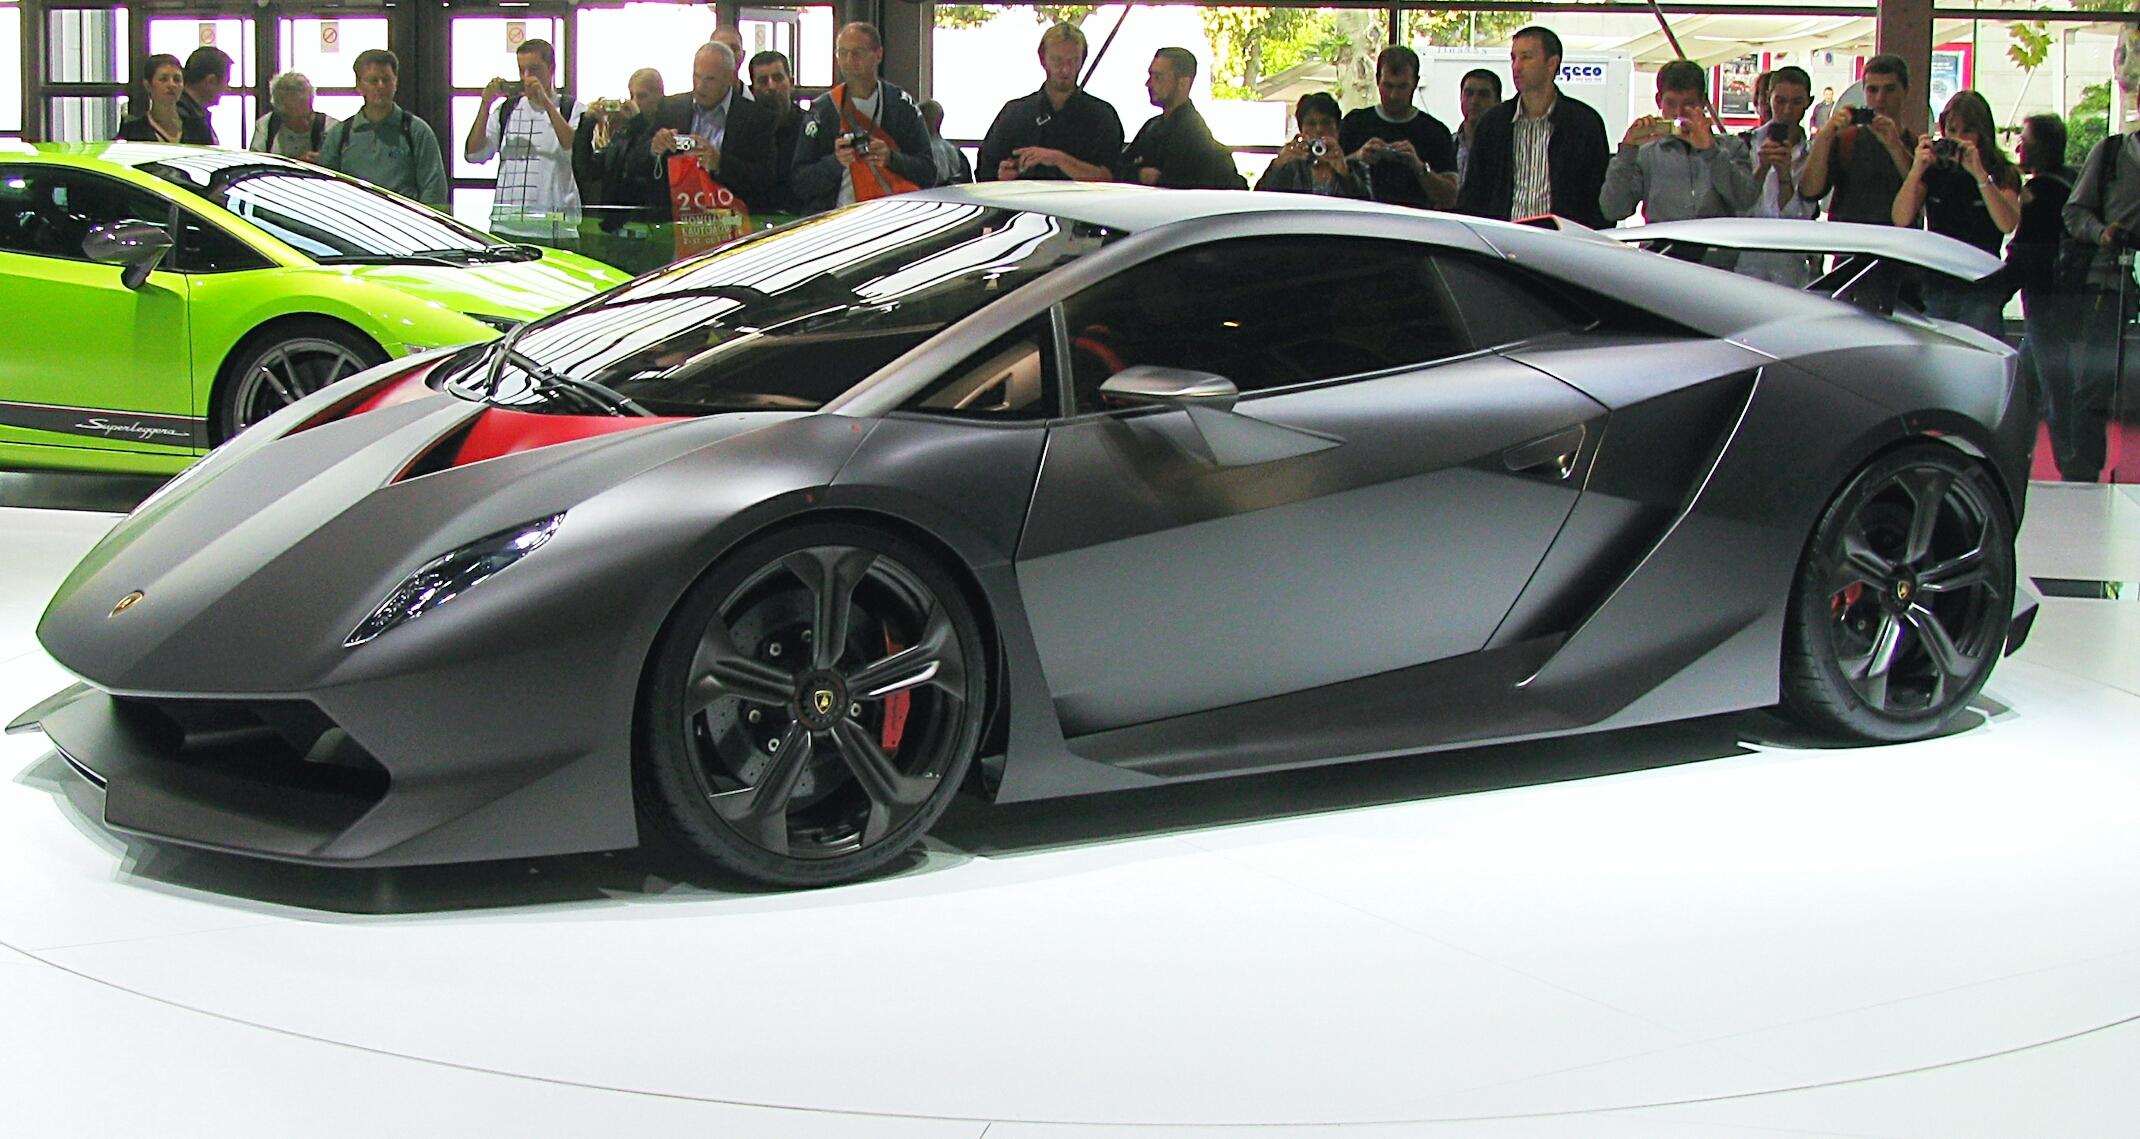 Lamborghini Sesto Elemento , Wikipedia